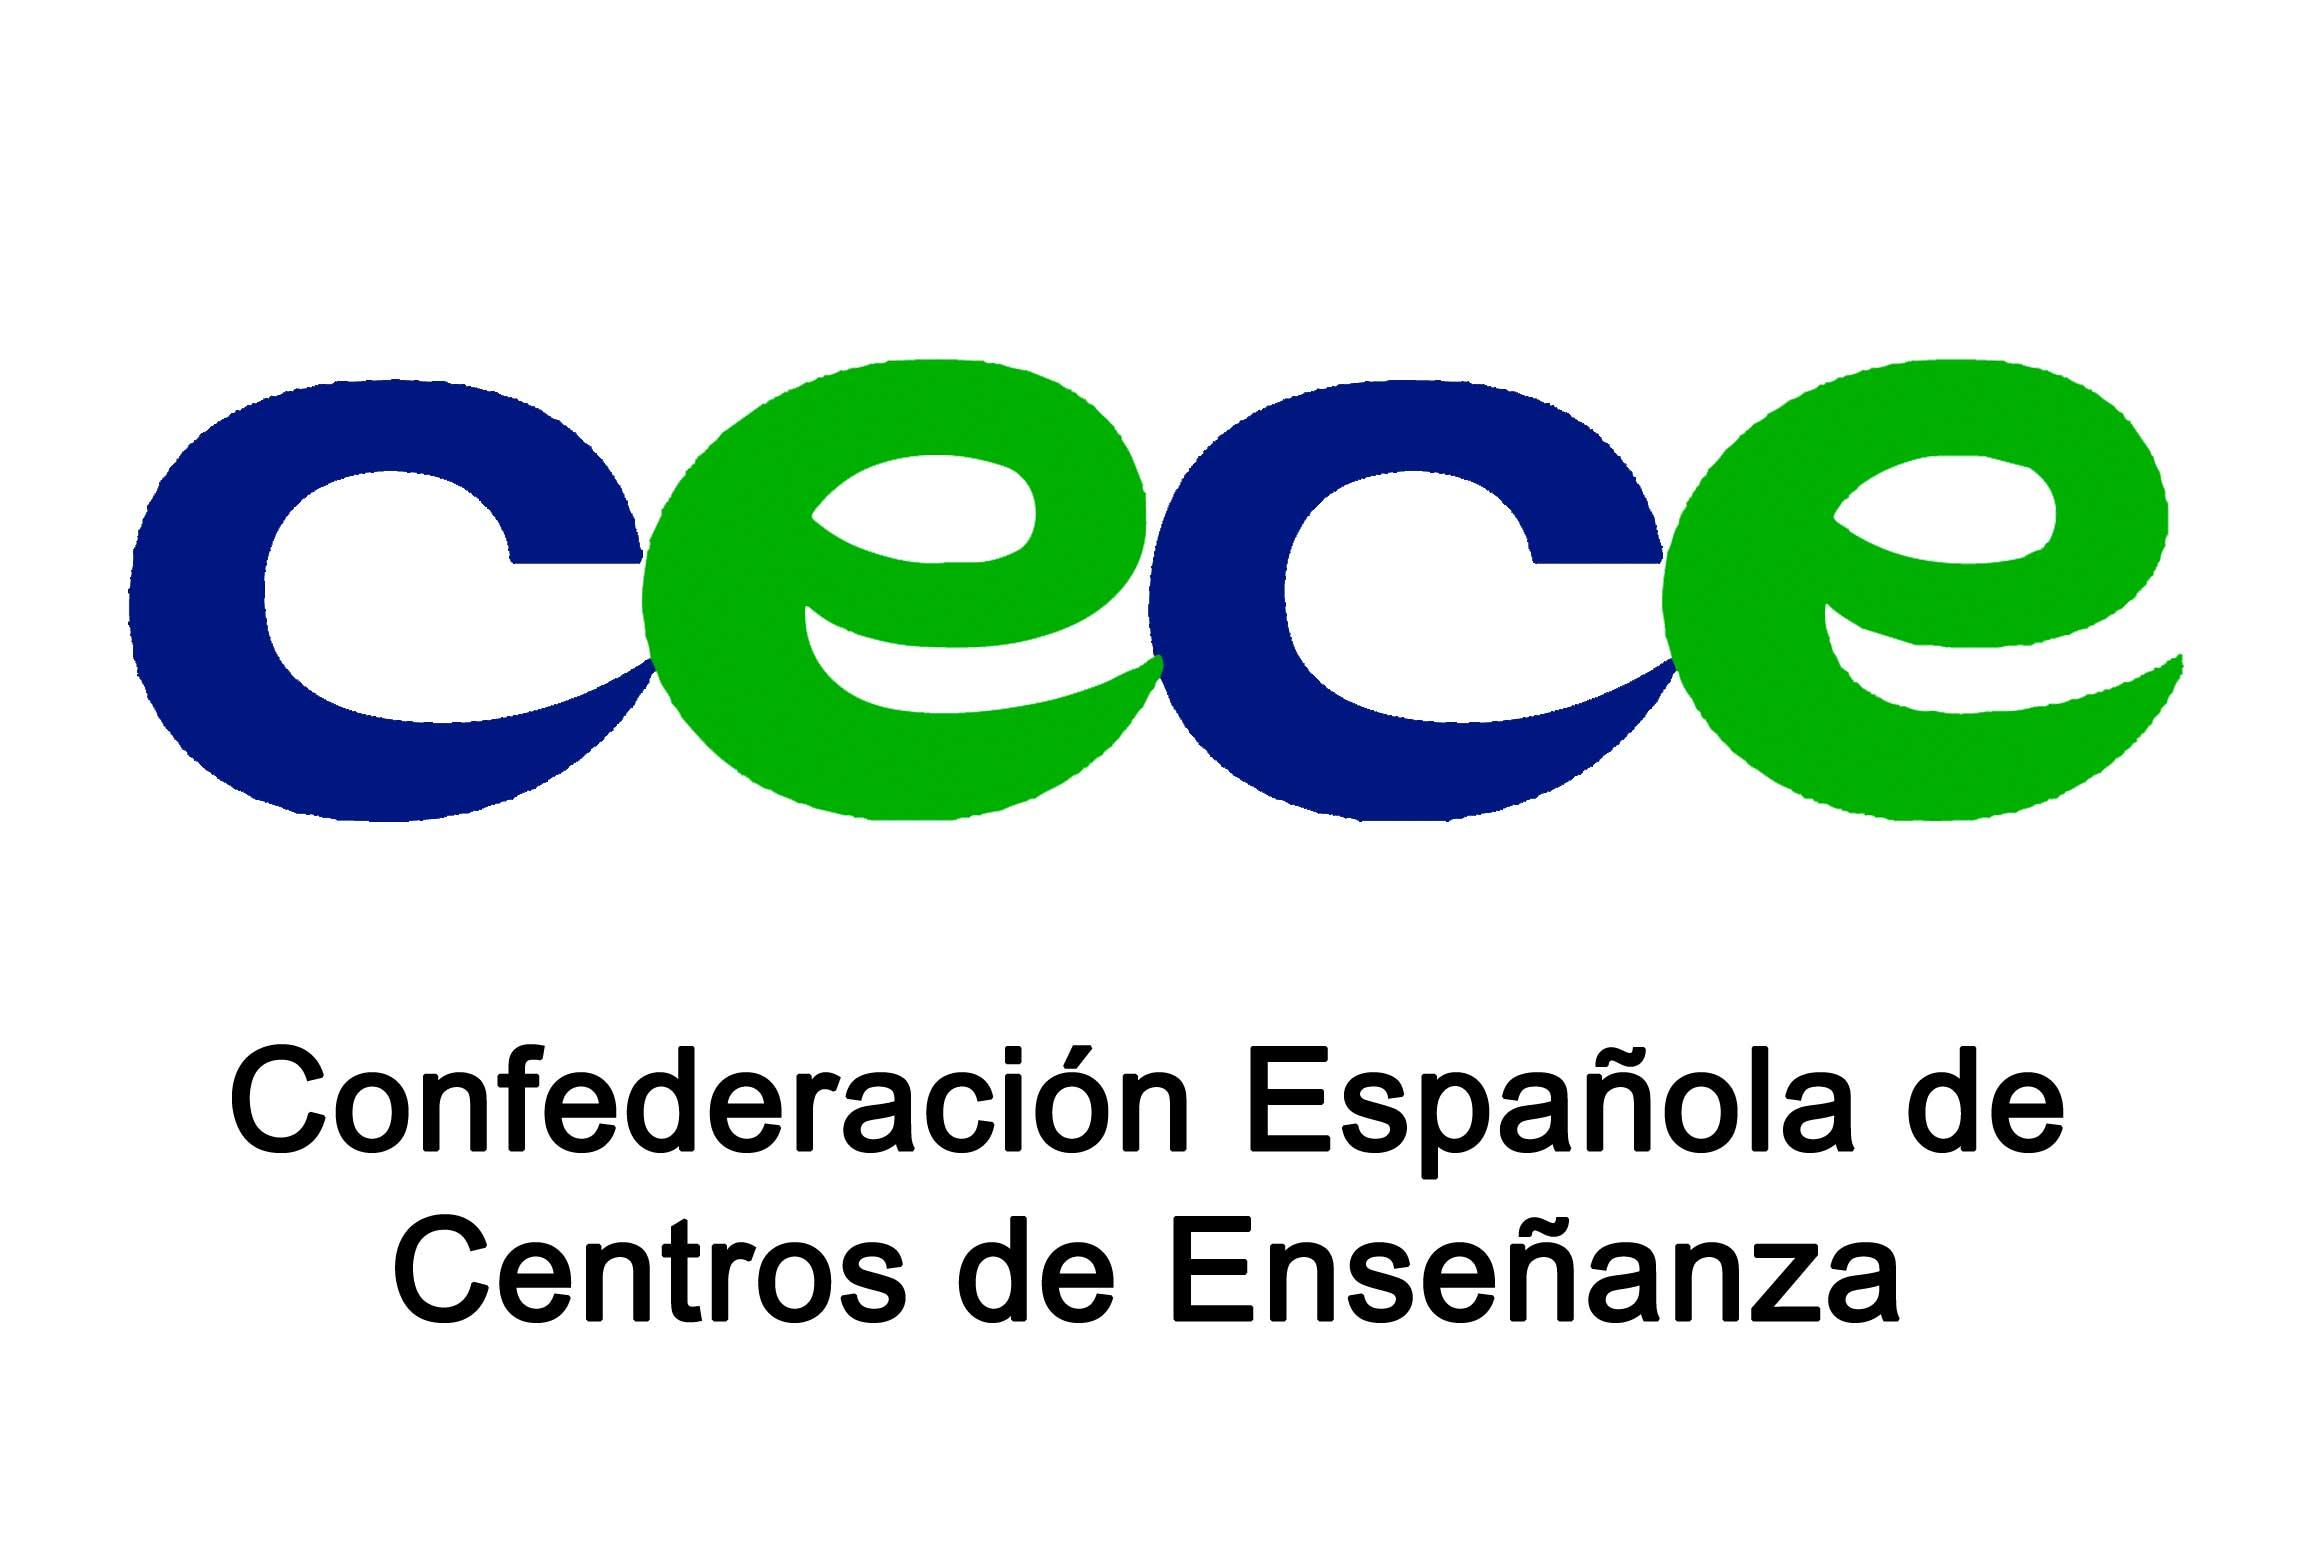 Confederacion Espanola de Centros De Ensenanza (CECE)